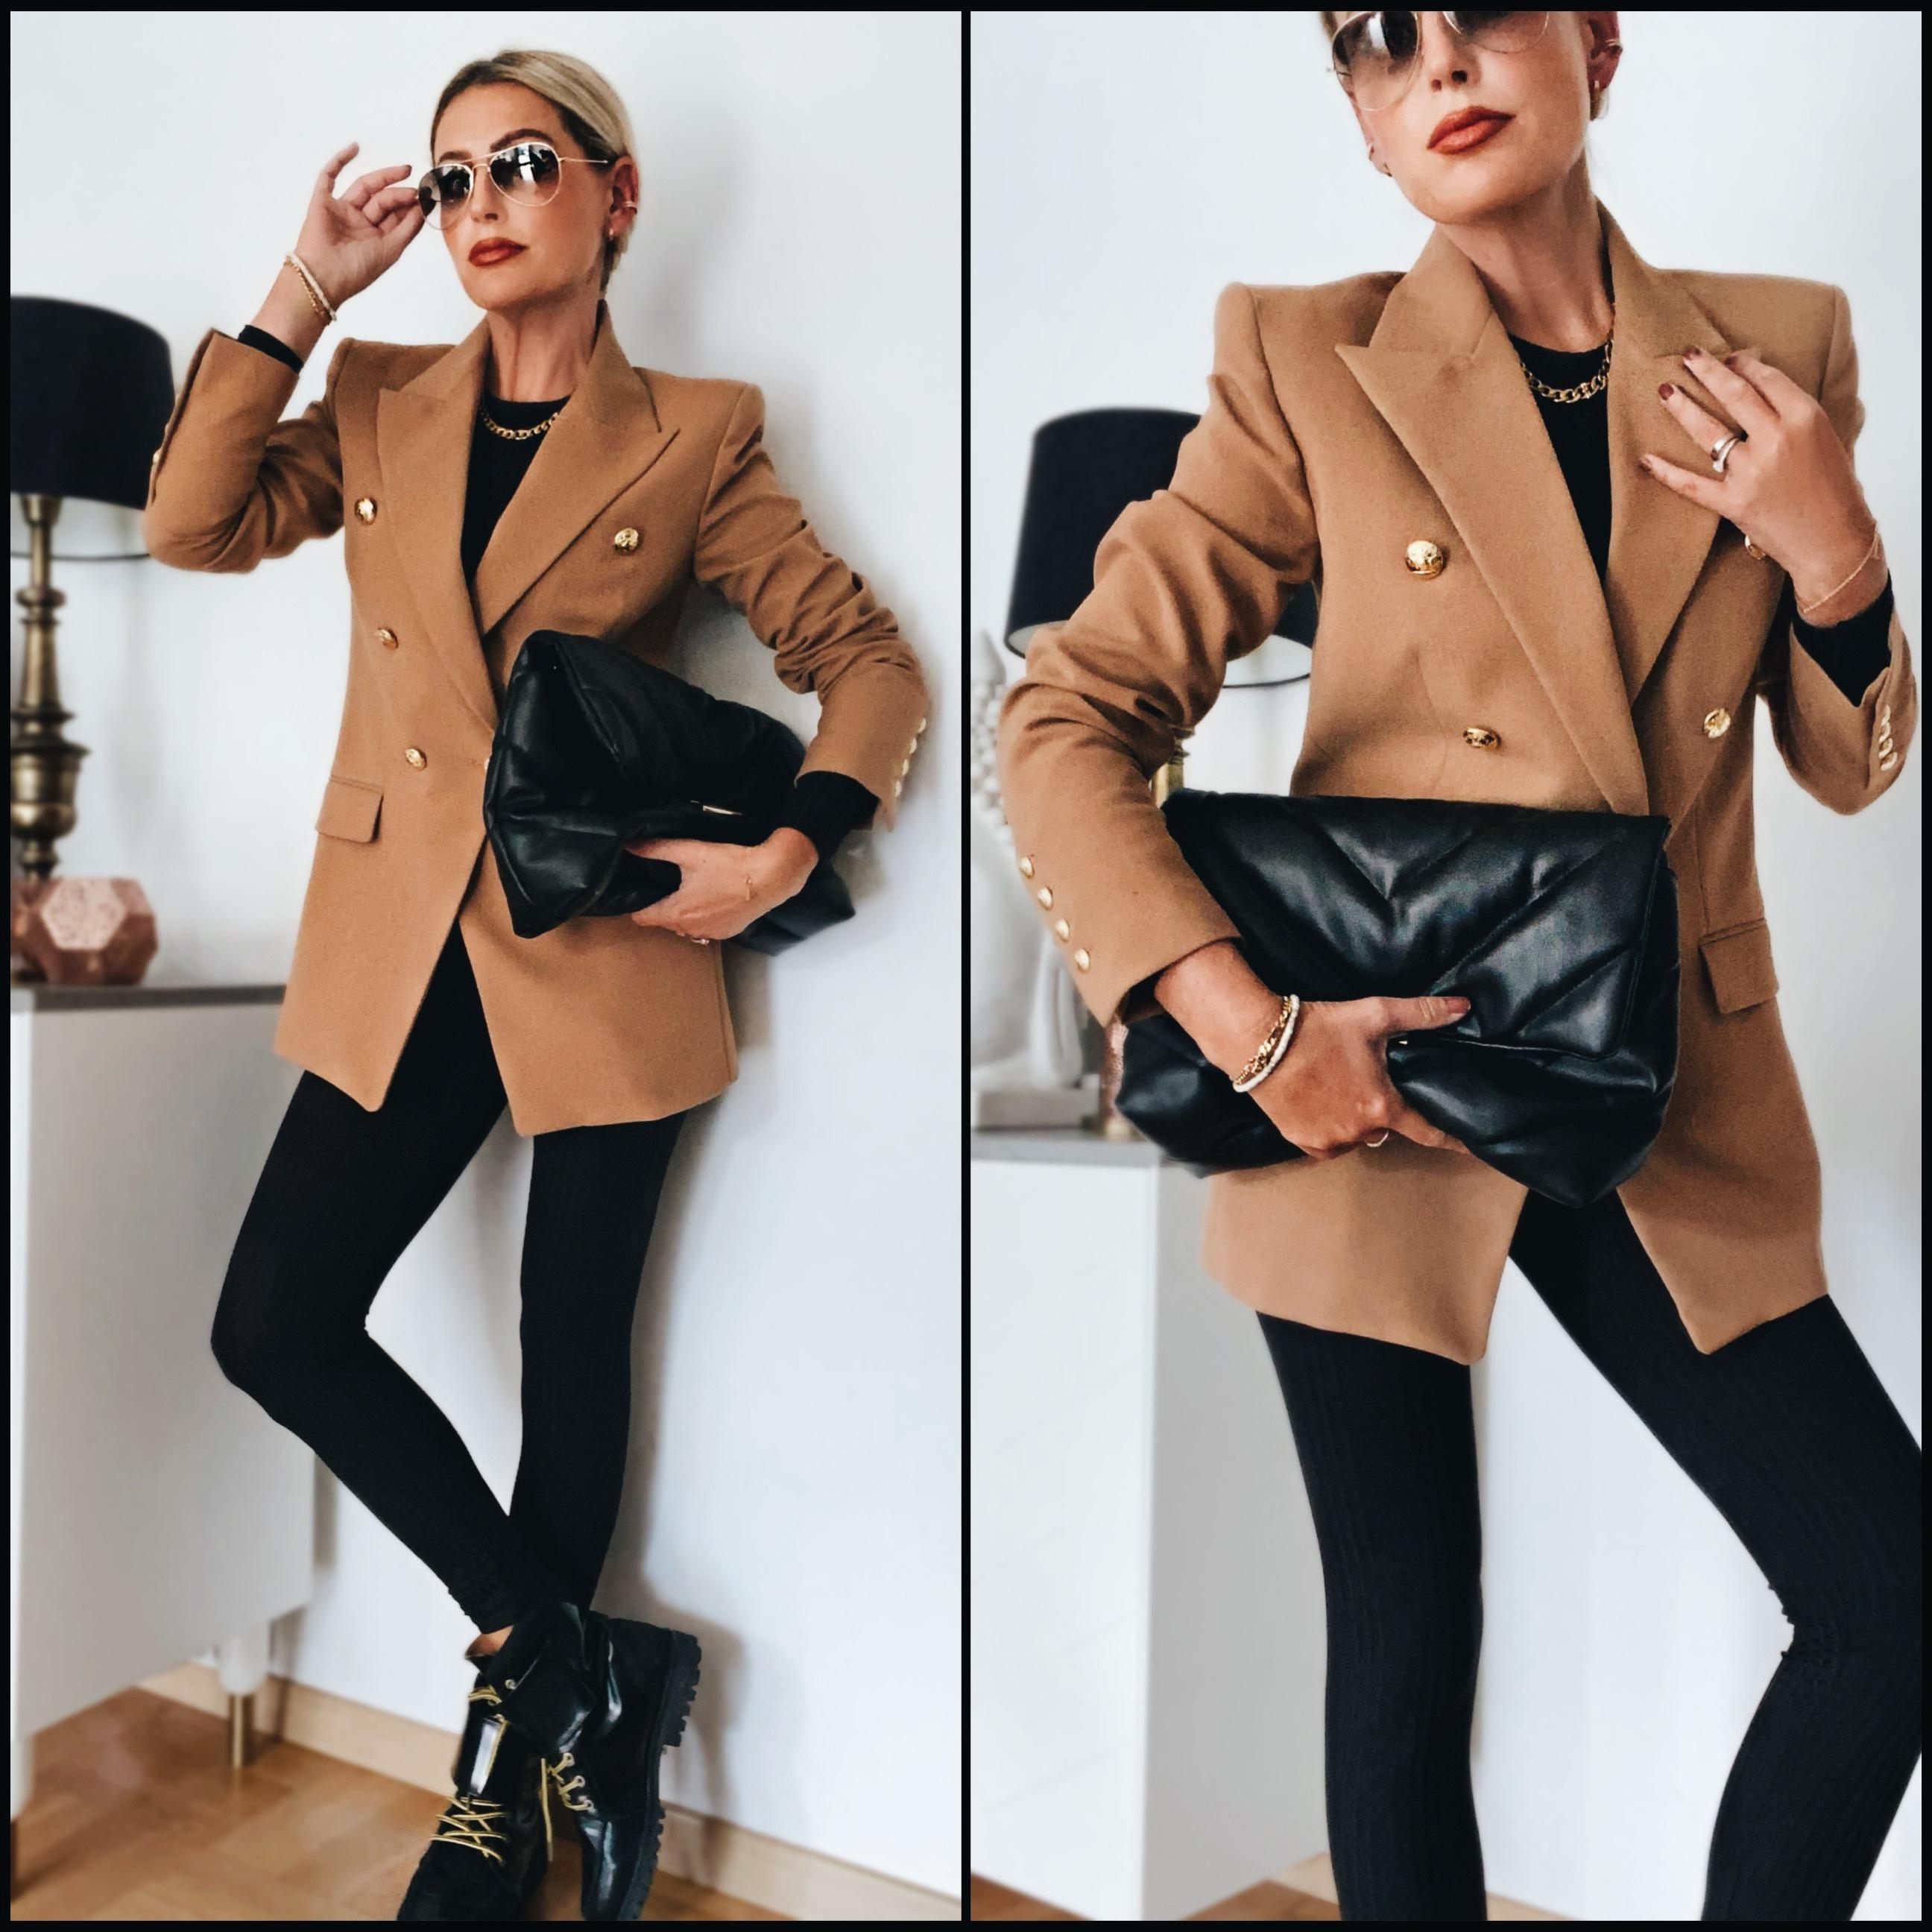 femmeluxefinery femme luxe loungewear sets co-ords